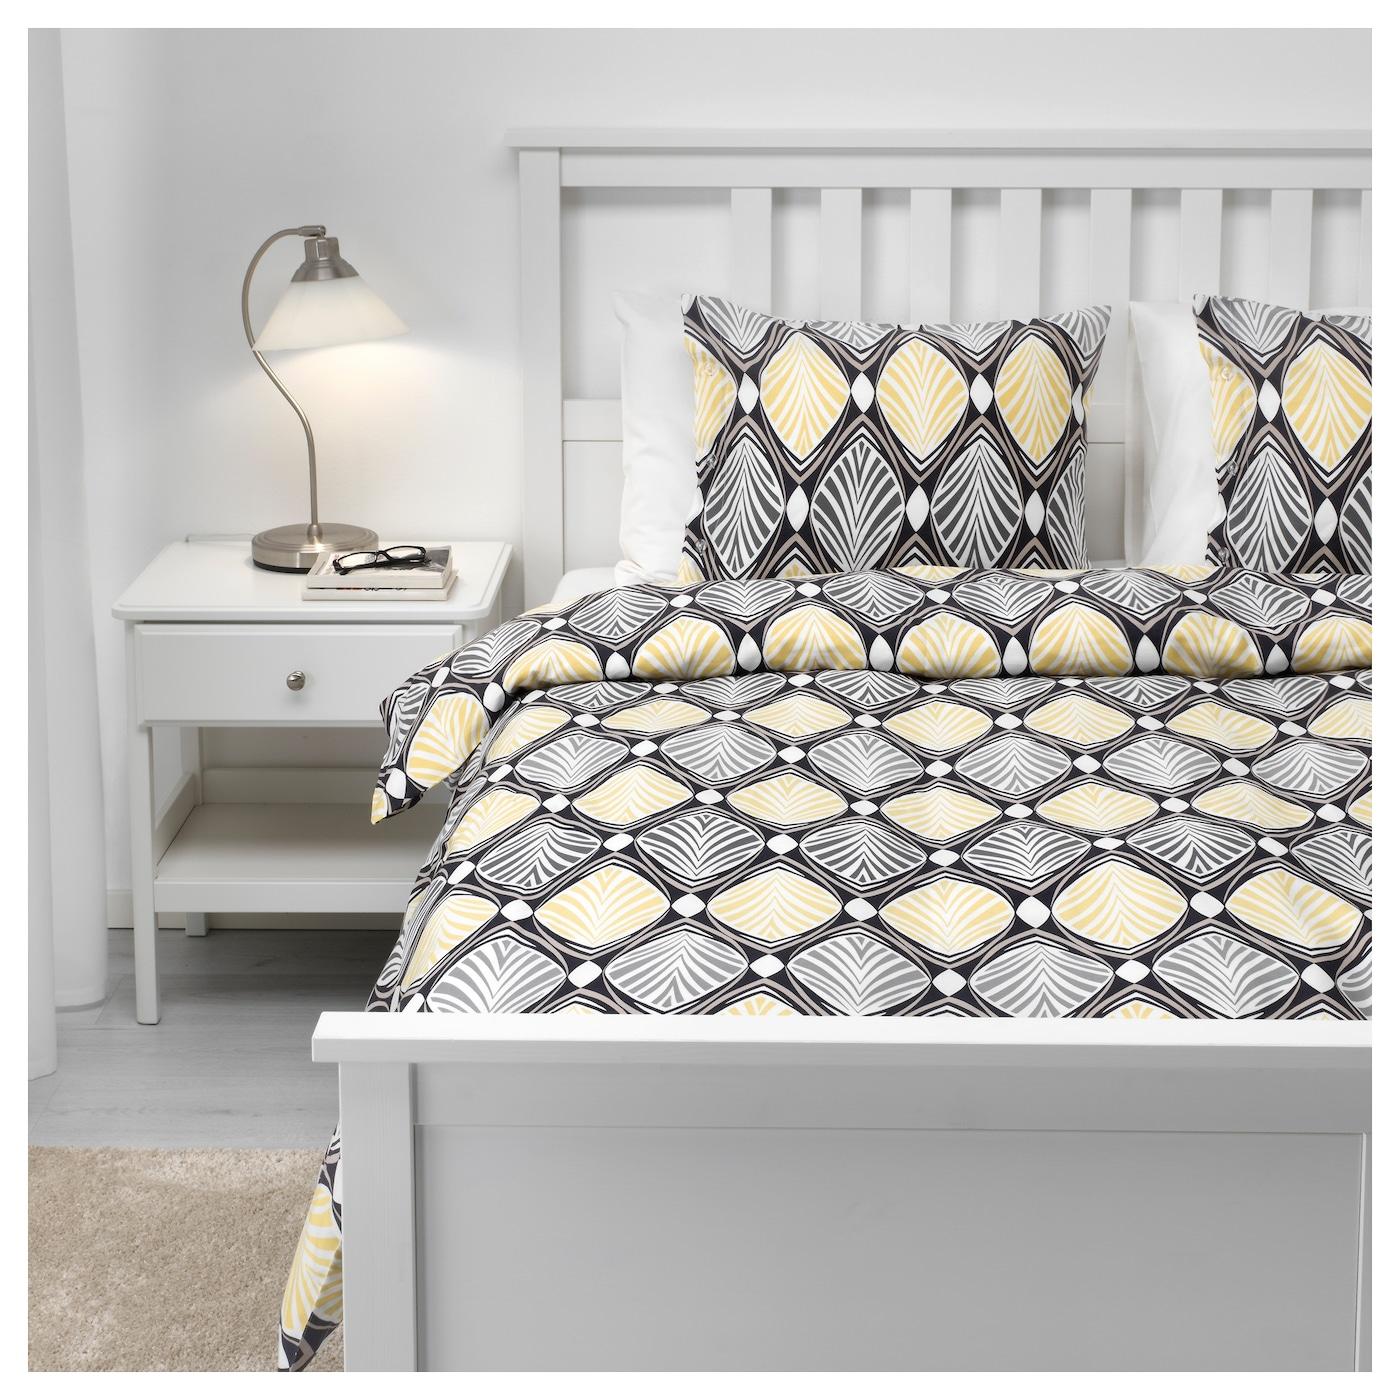 h stfibla housse de couette et 2 taies gris jaune 240x220. Black Bedroom Furniture Sets. Home Design Ideas